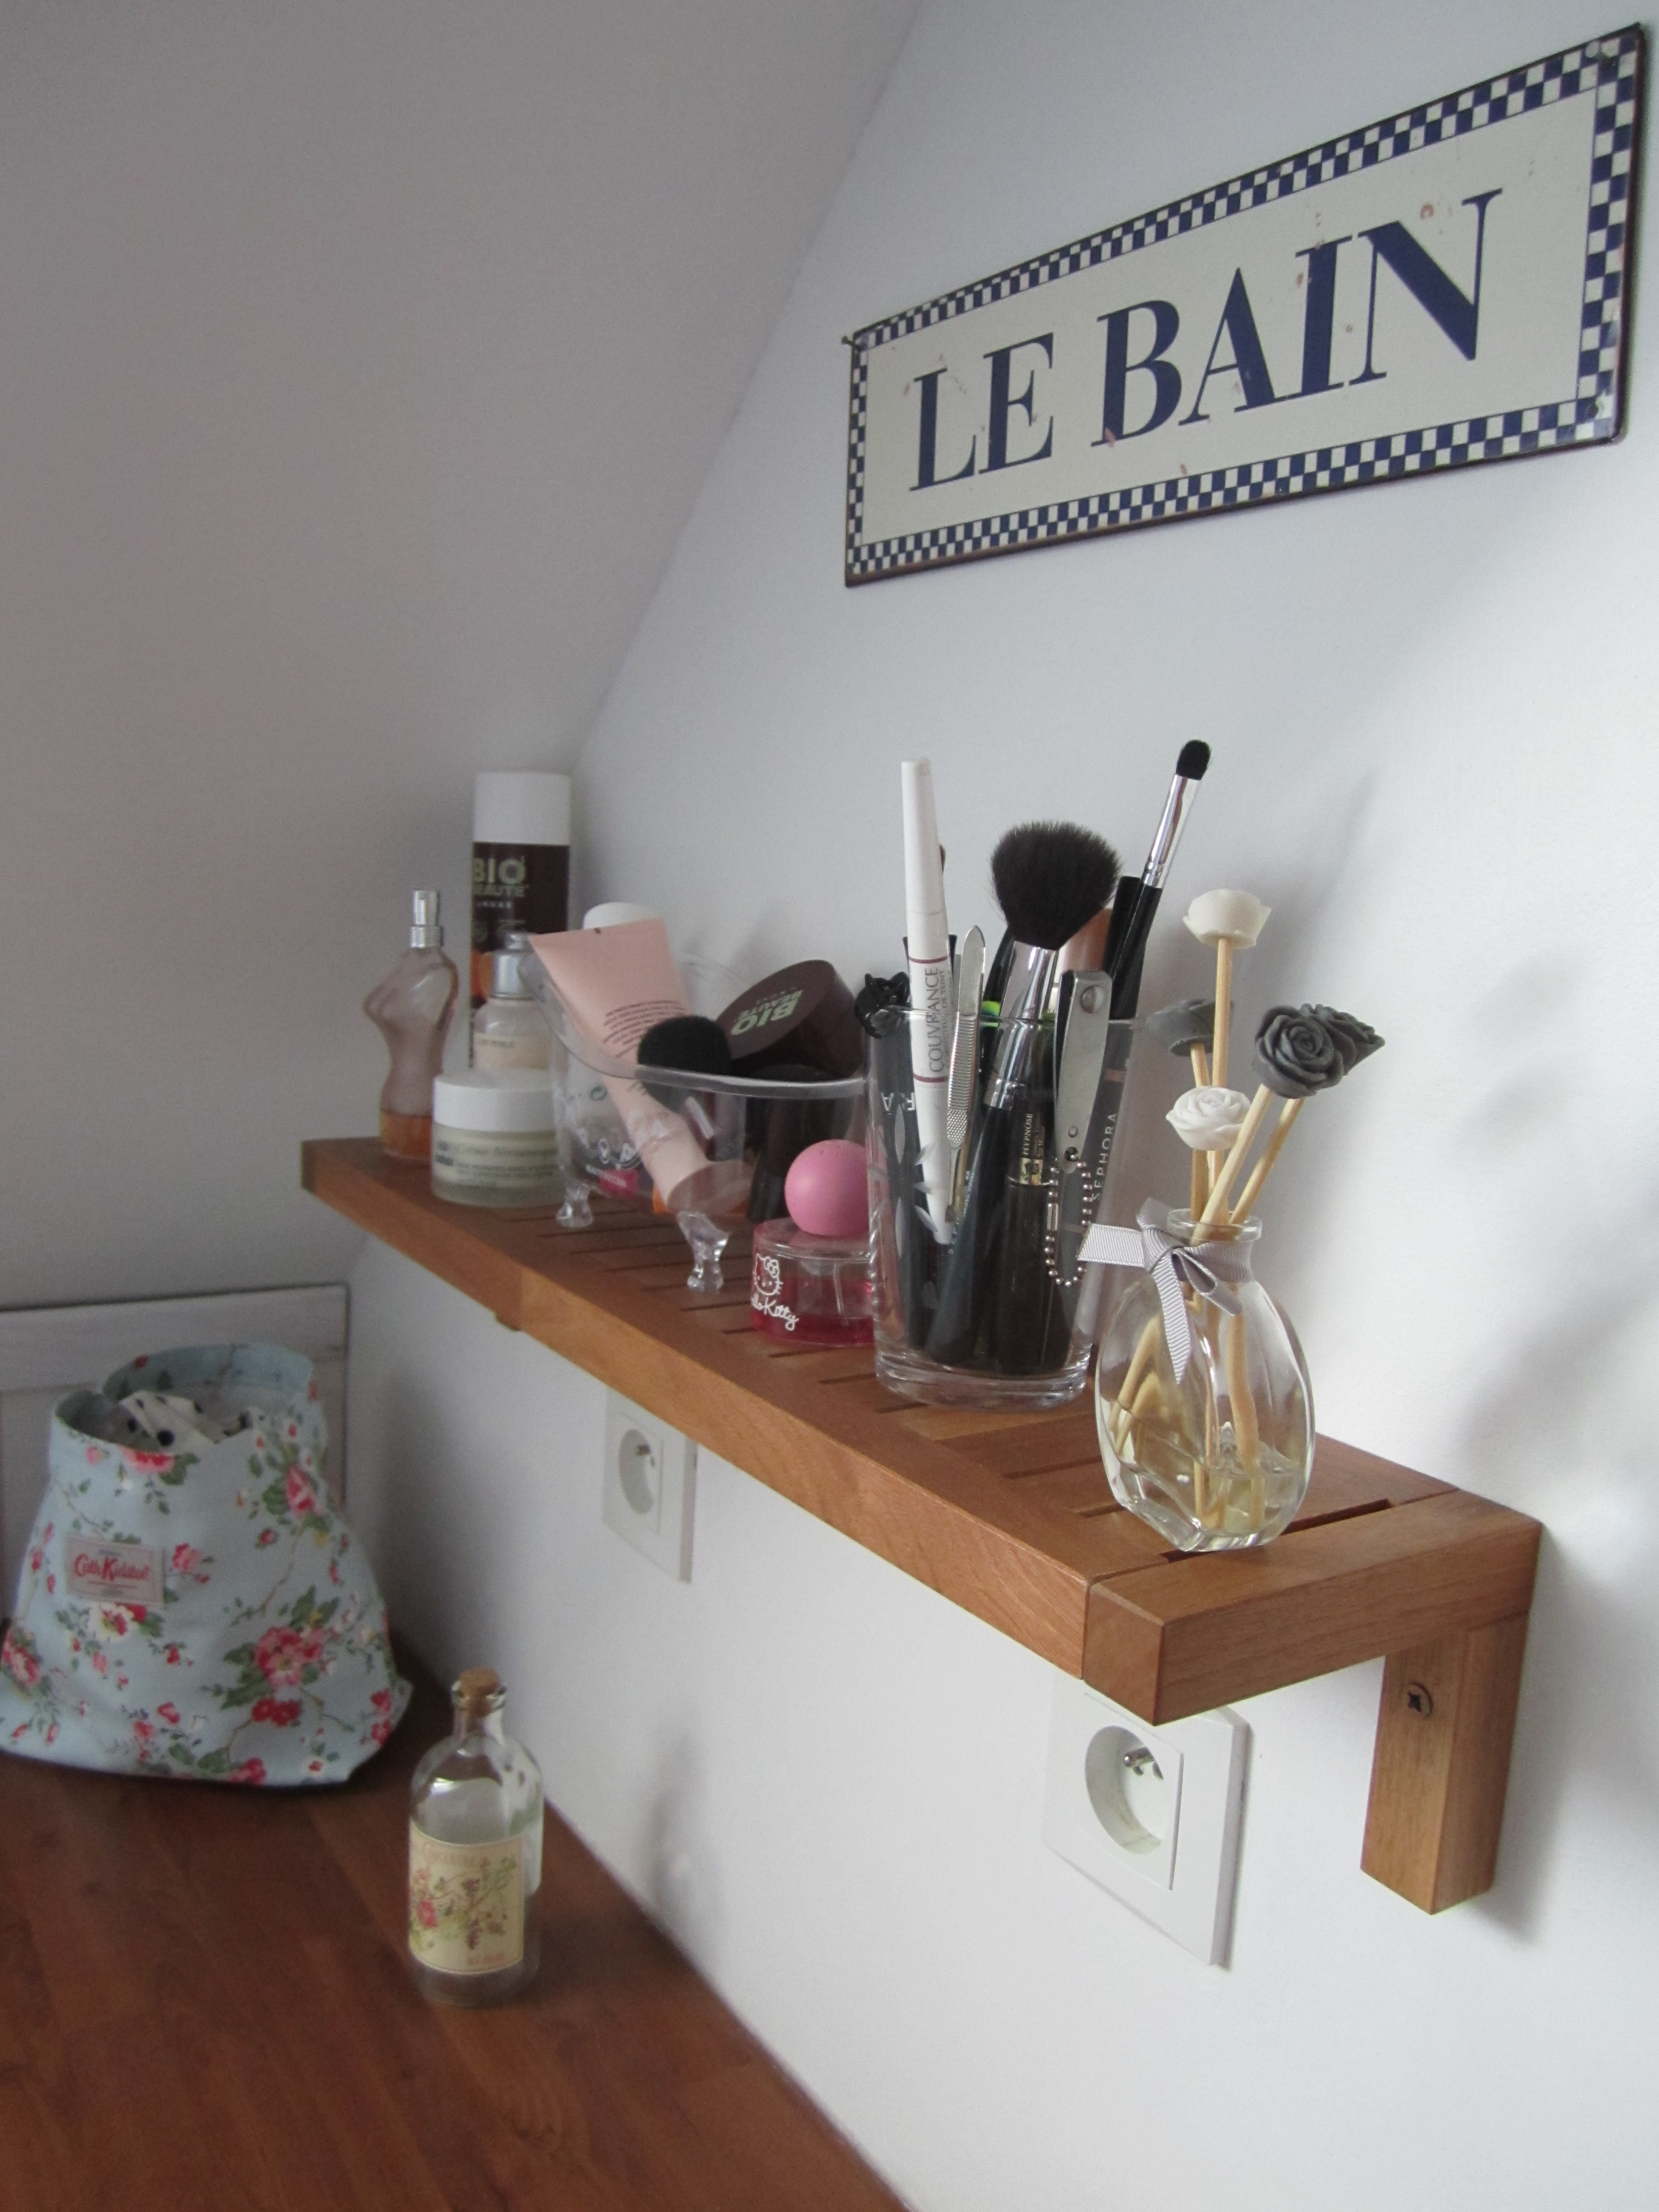 salle de bain feminine. deco petite salle de bain photo petite ... - Salle De Bain Feminine